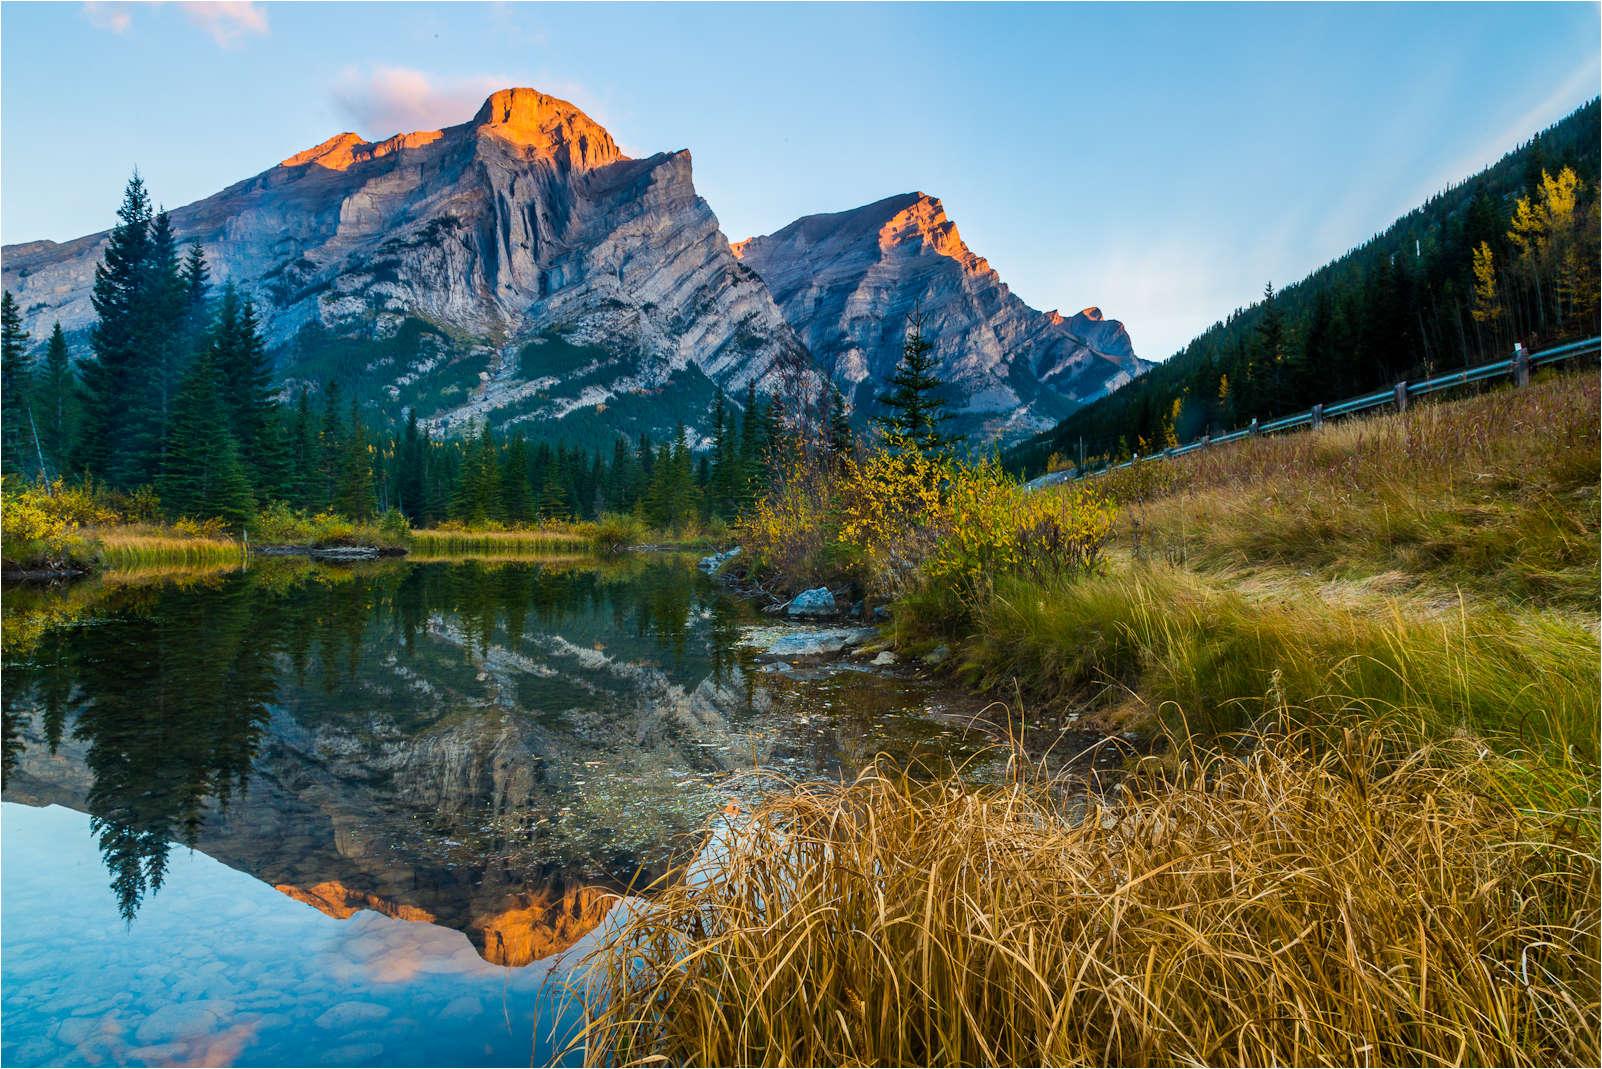 அழகு மலைகளின் காட்சிகள் சில.....02 Mount-kidd-c2a9-christopher-martin-1079